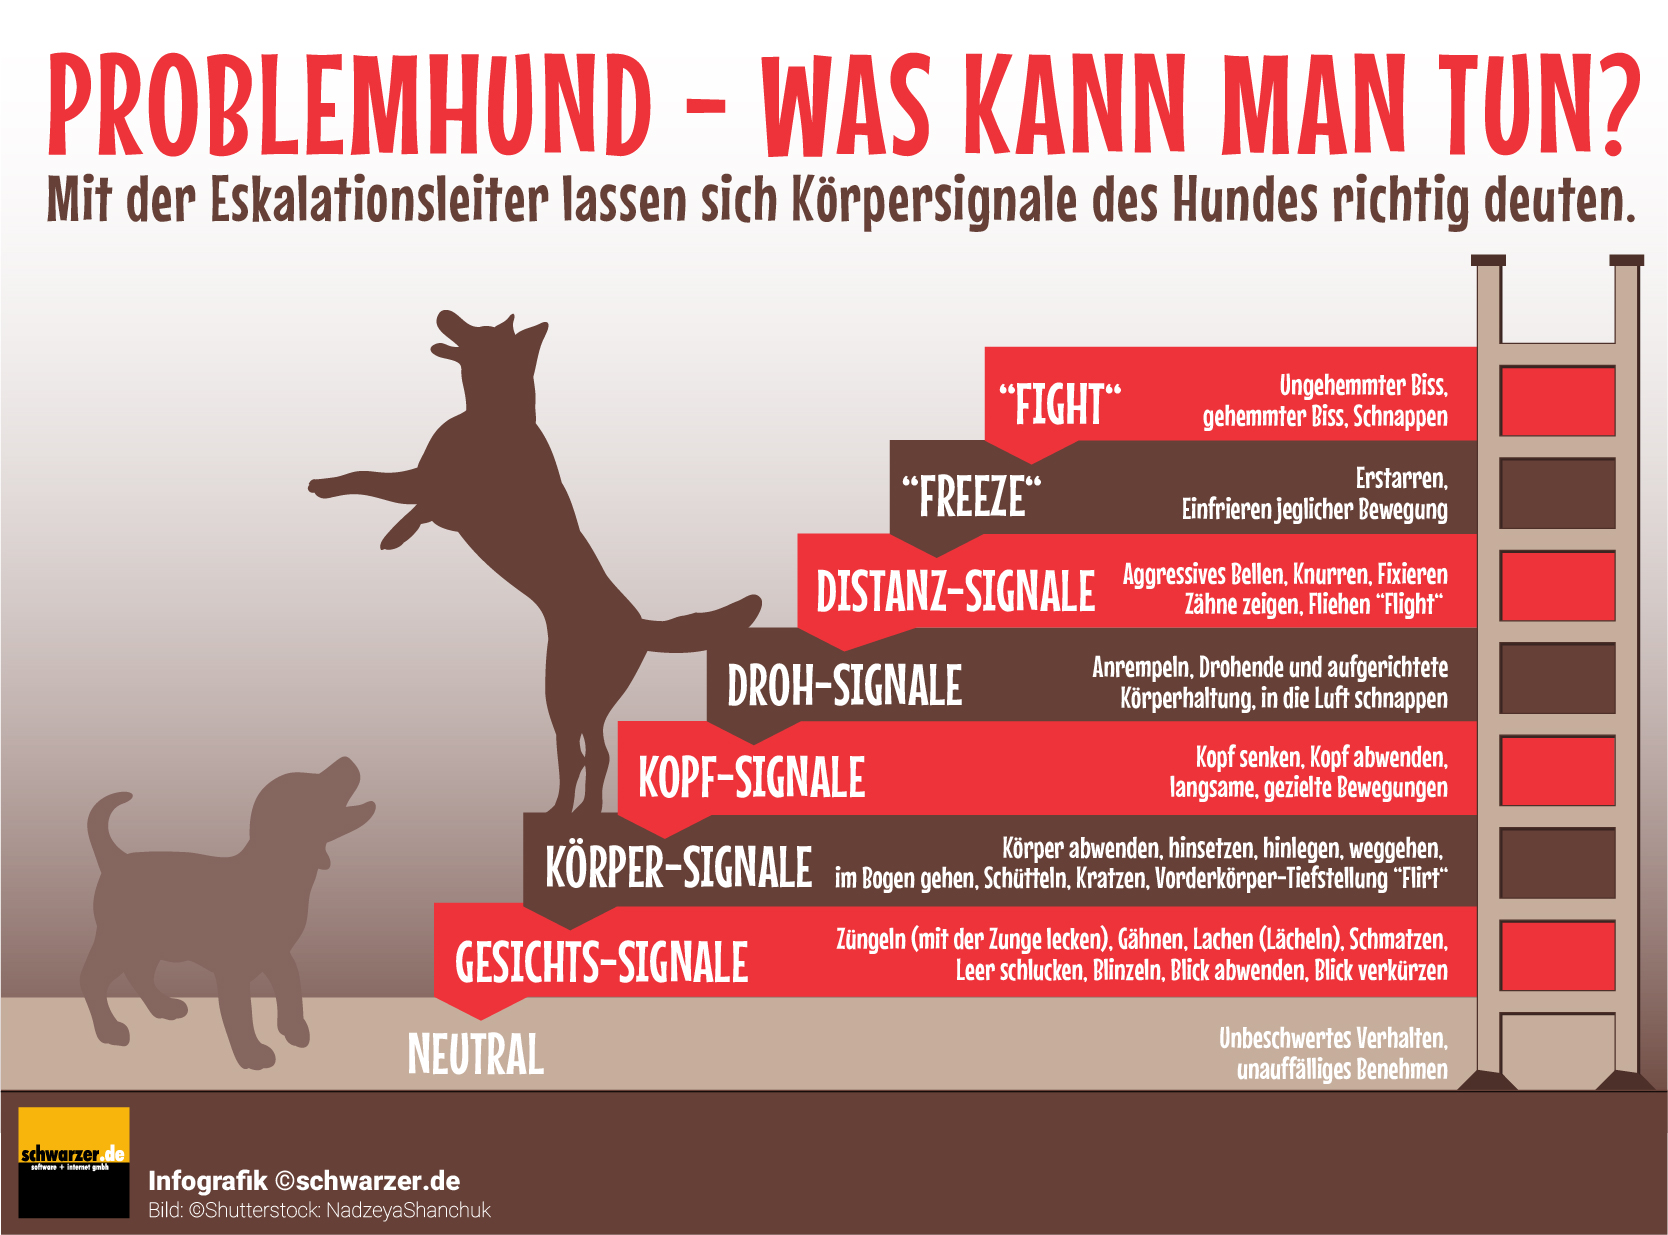 Infografik: Problemhund - was kann man tun? Mit der Eskalationsleiter lassen sich Köpersignale richtig deuten.